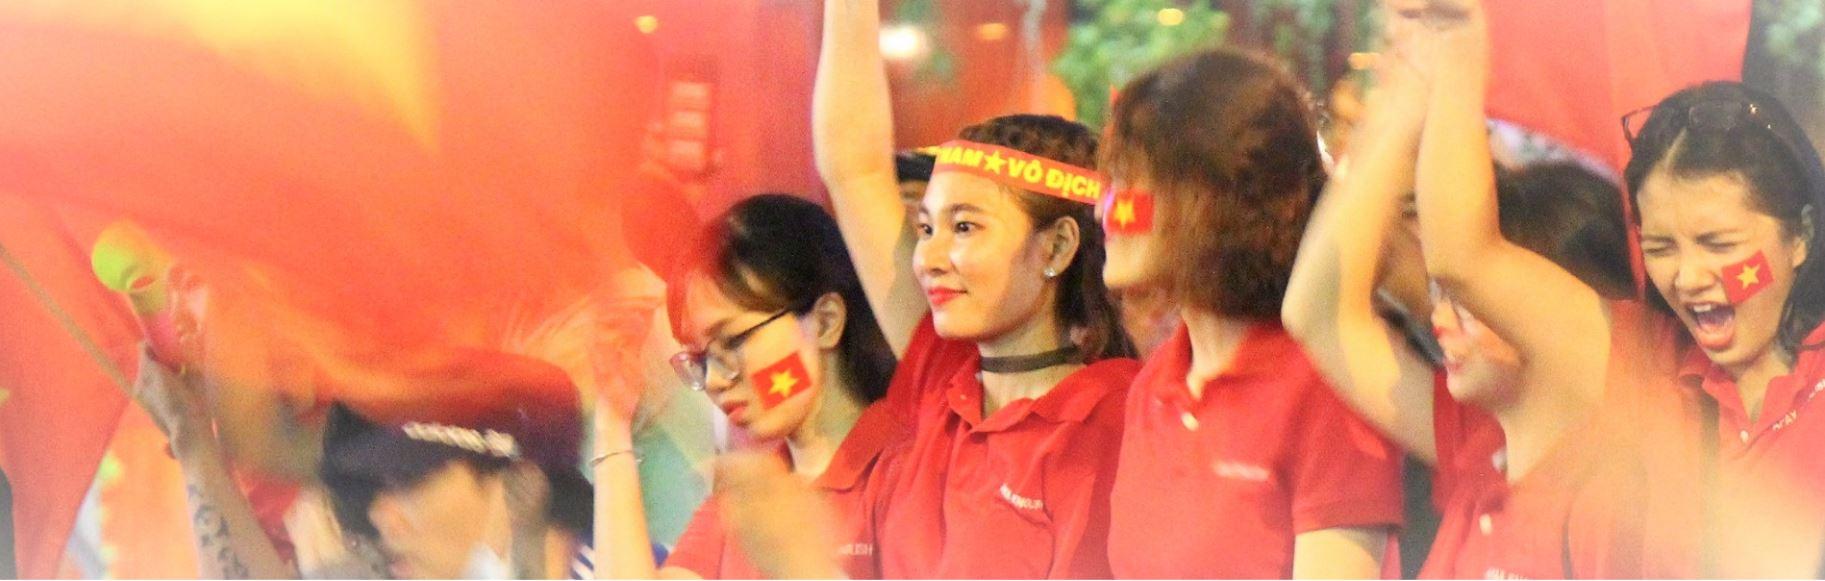 ベトナム、ホーチミン市の活気。海外旅行は格安で行けるアジアに行こう!